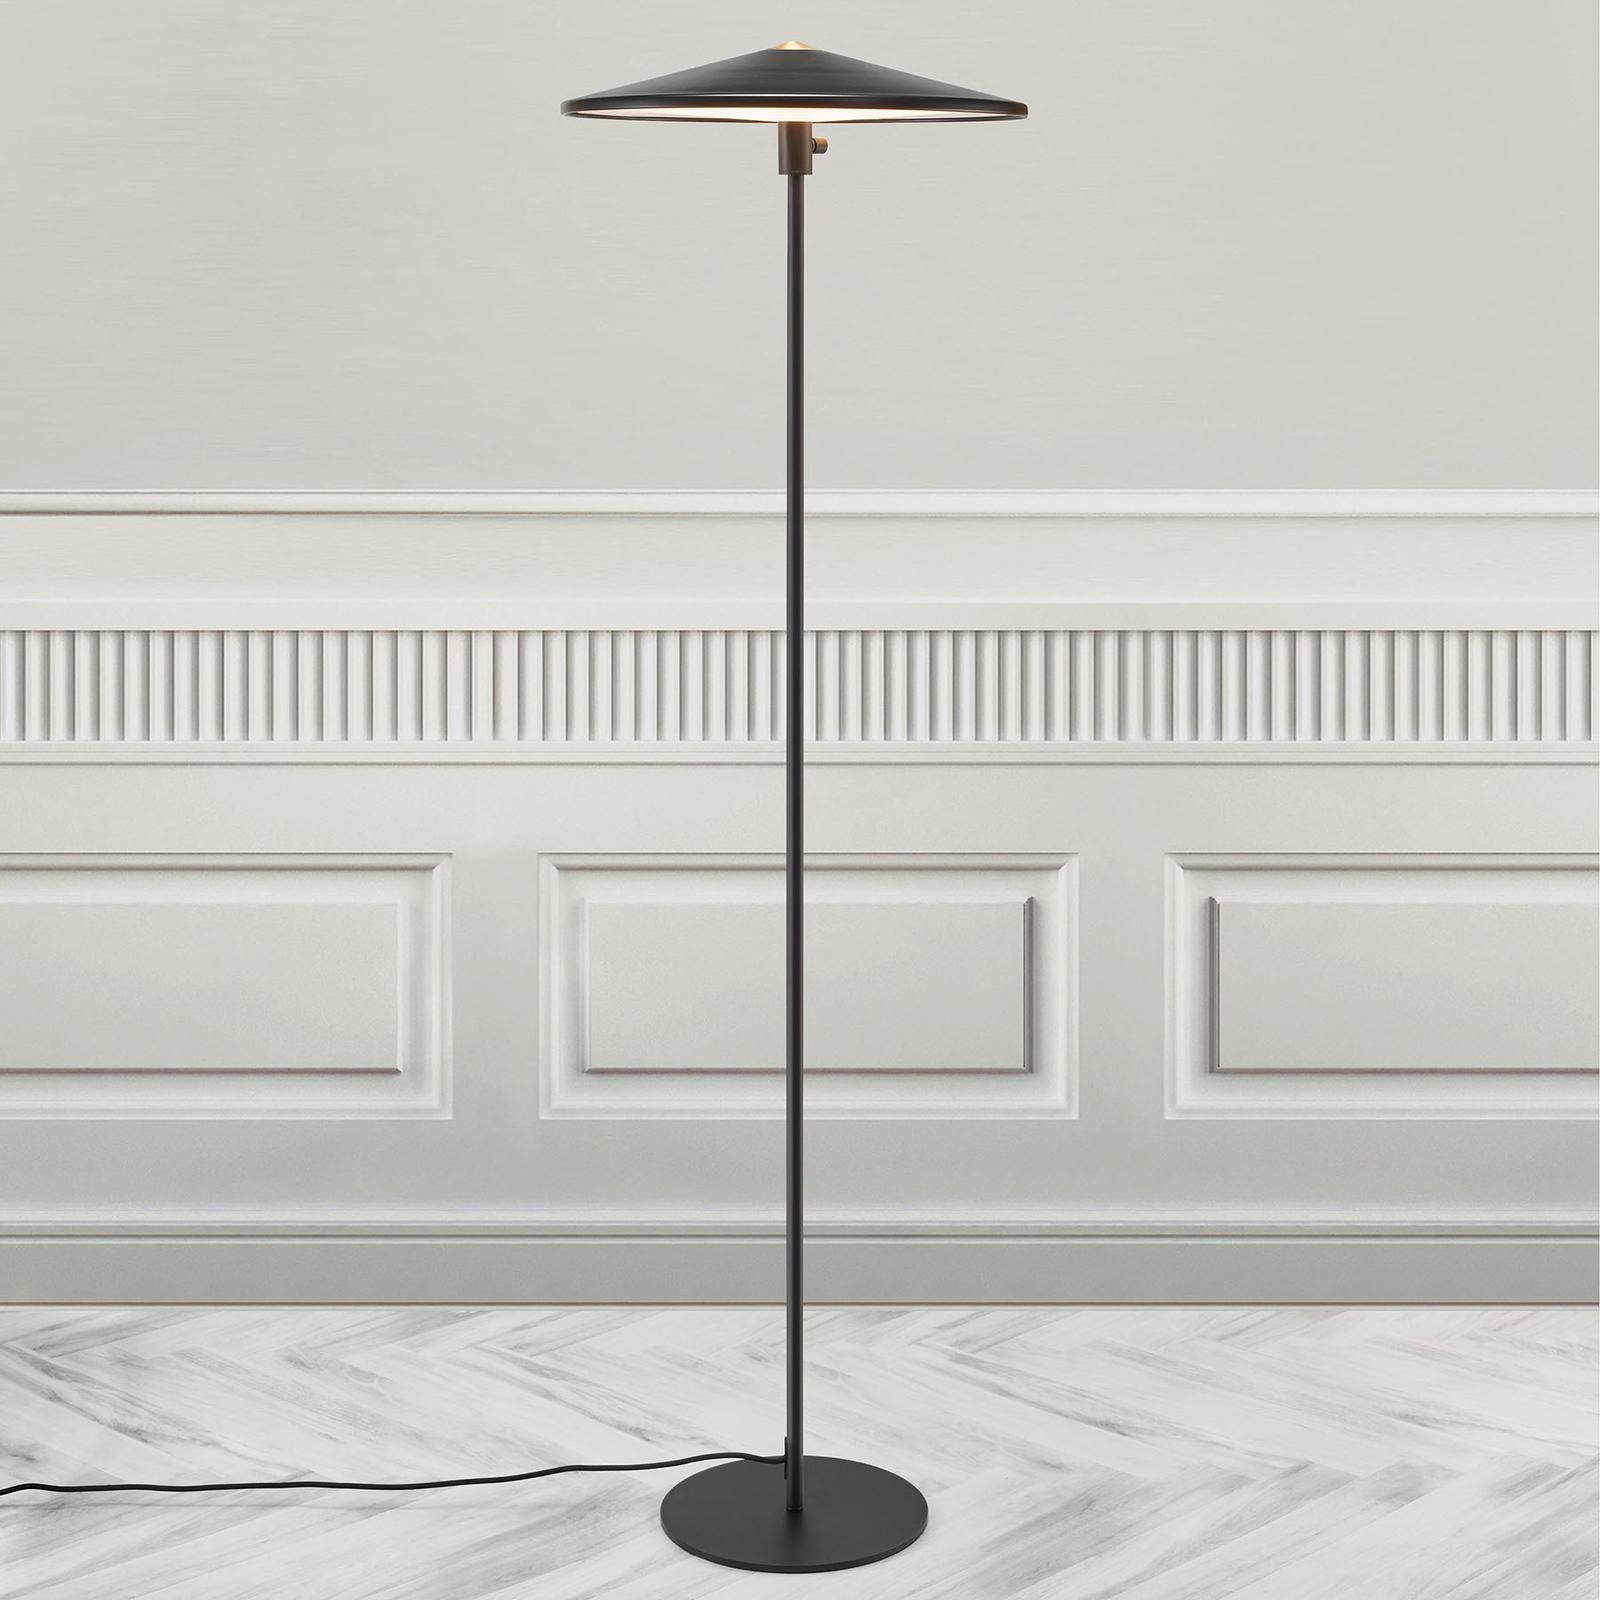 LED-lattiavalaisin Balance, integroitu himmennin